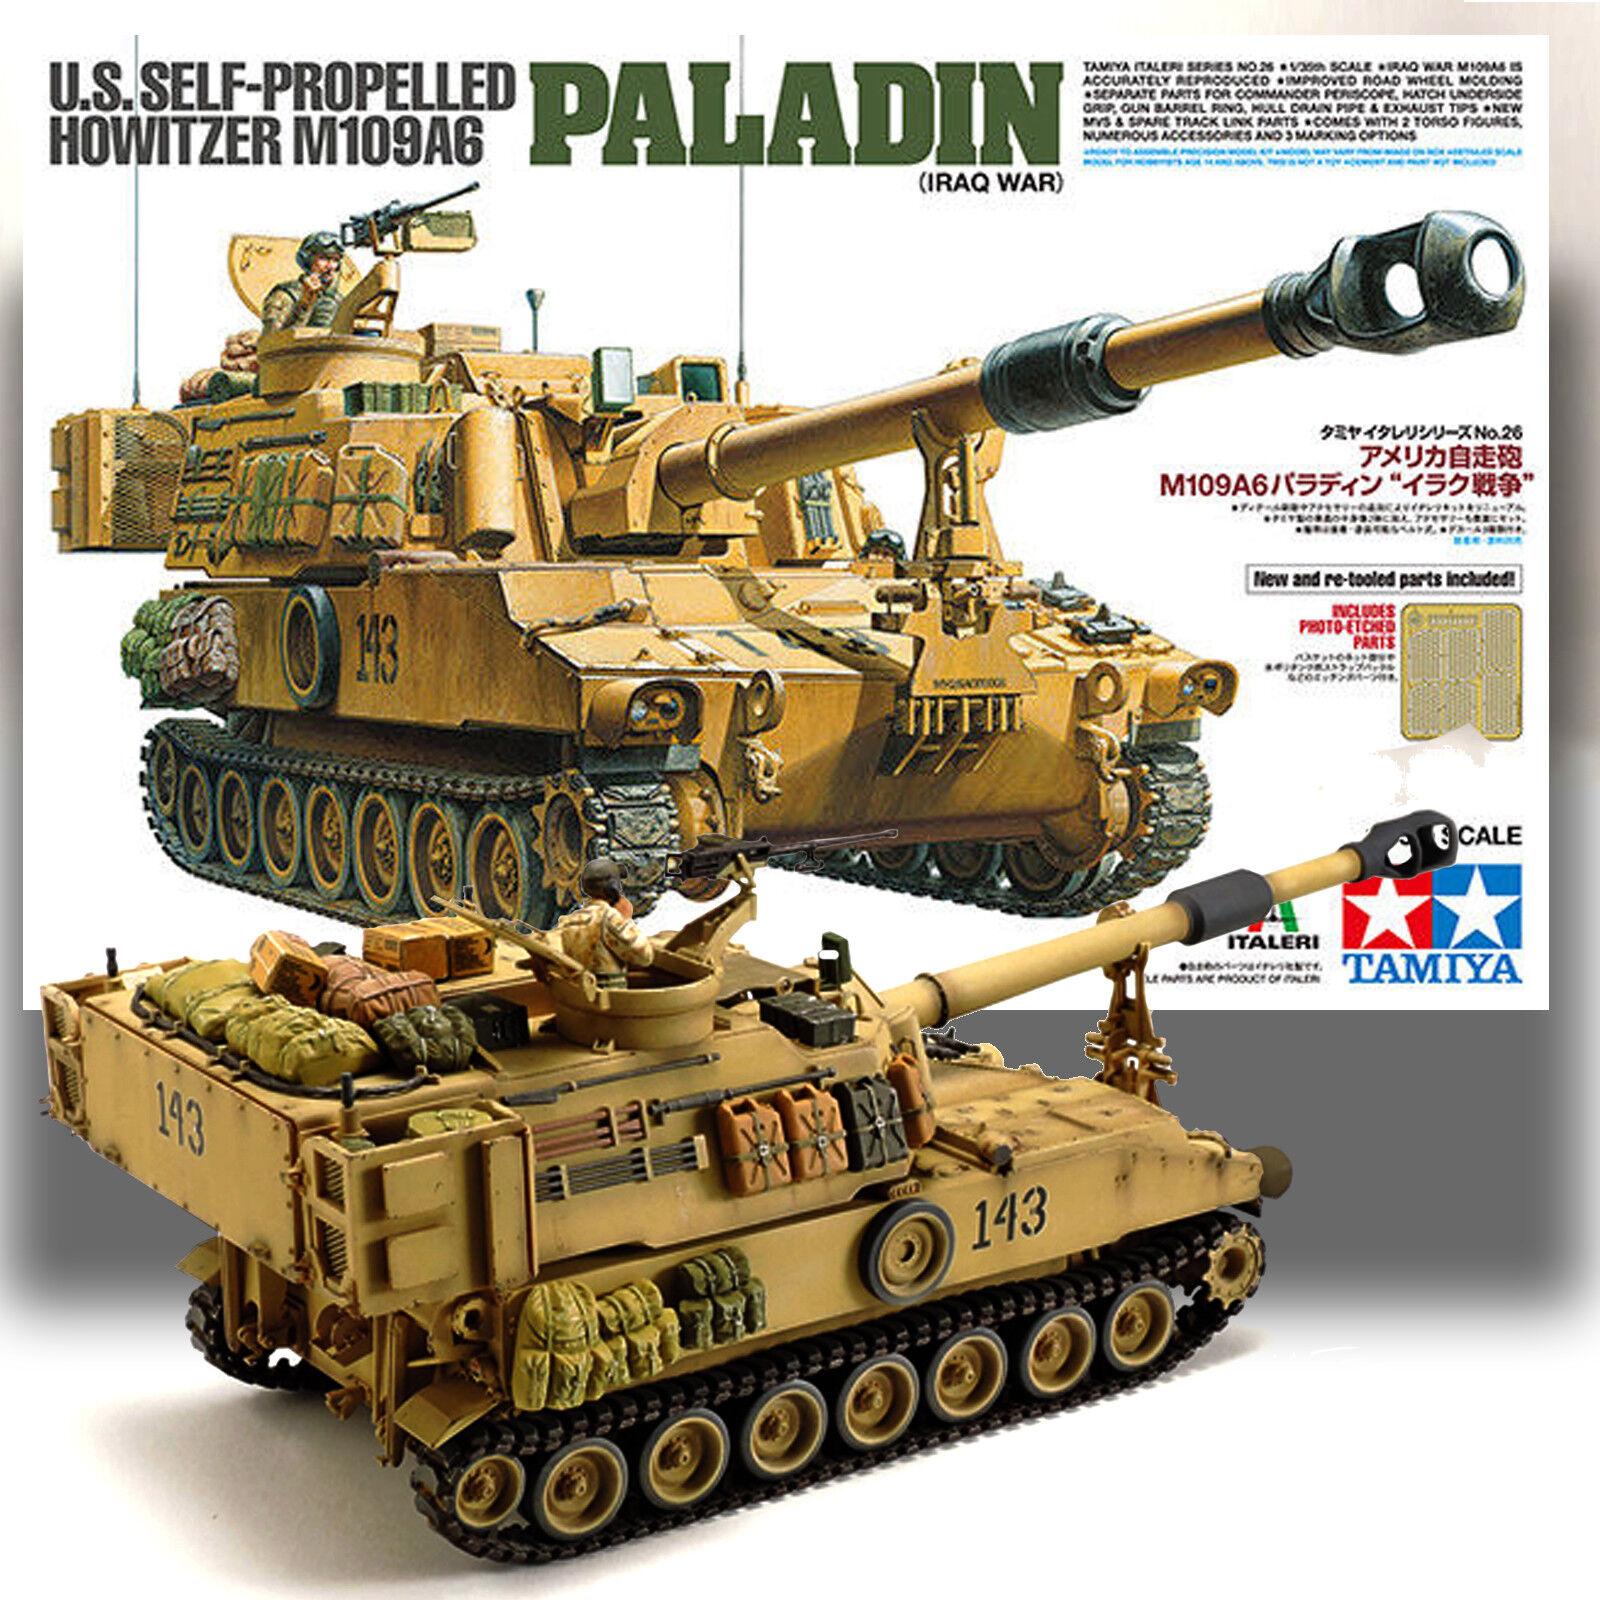 TAMIYA 1  35 M109A6 PALADIN U.S. SELLF FÖRESLÄDD HOWITZER modellllerL KIT 37026